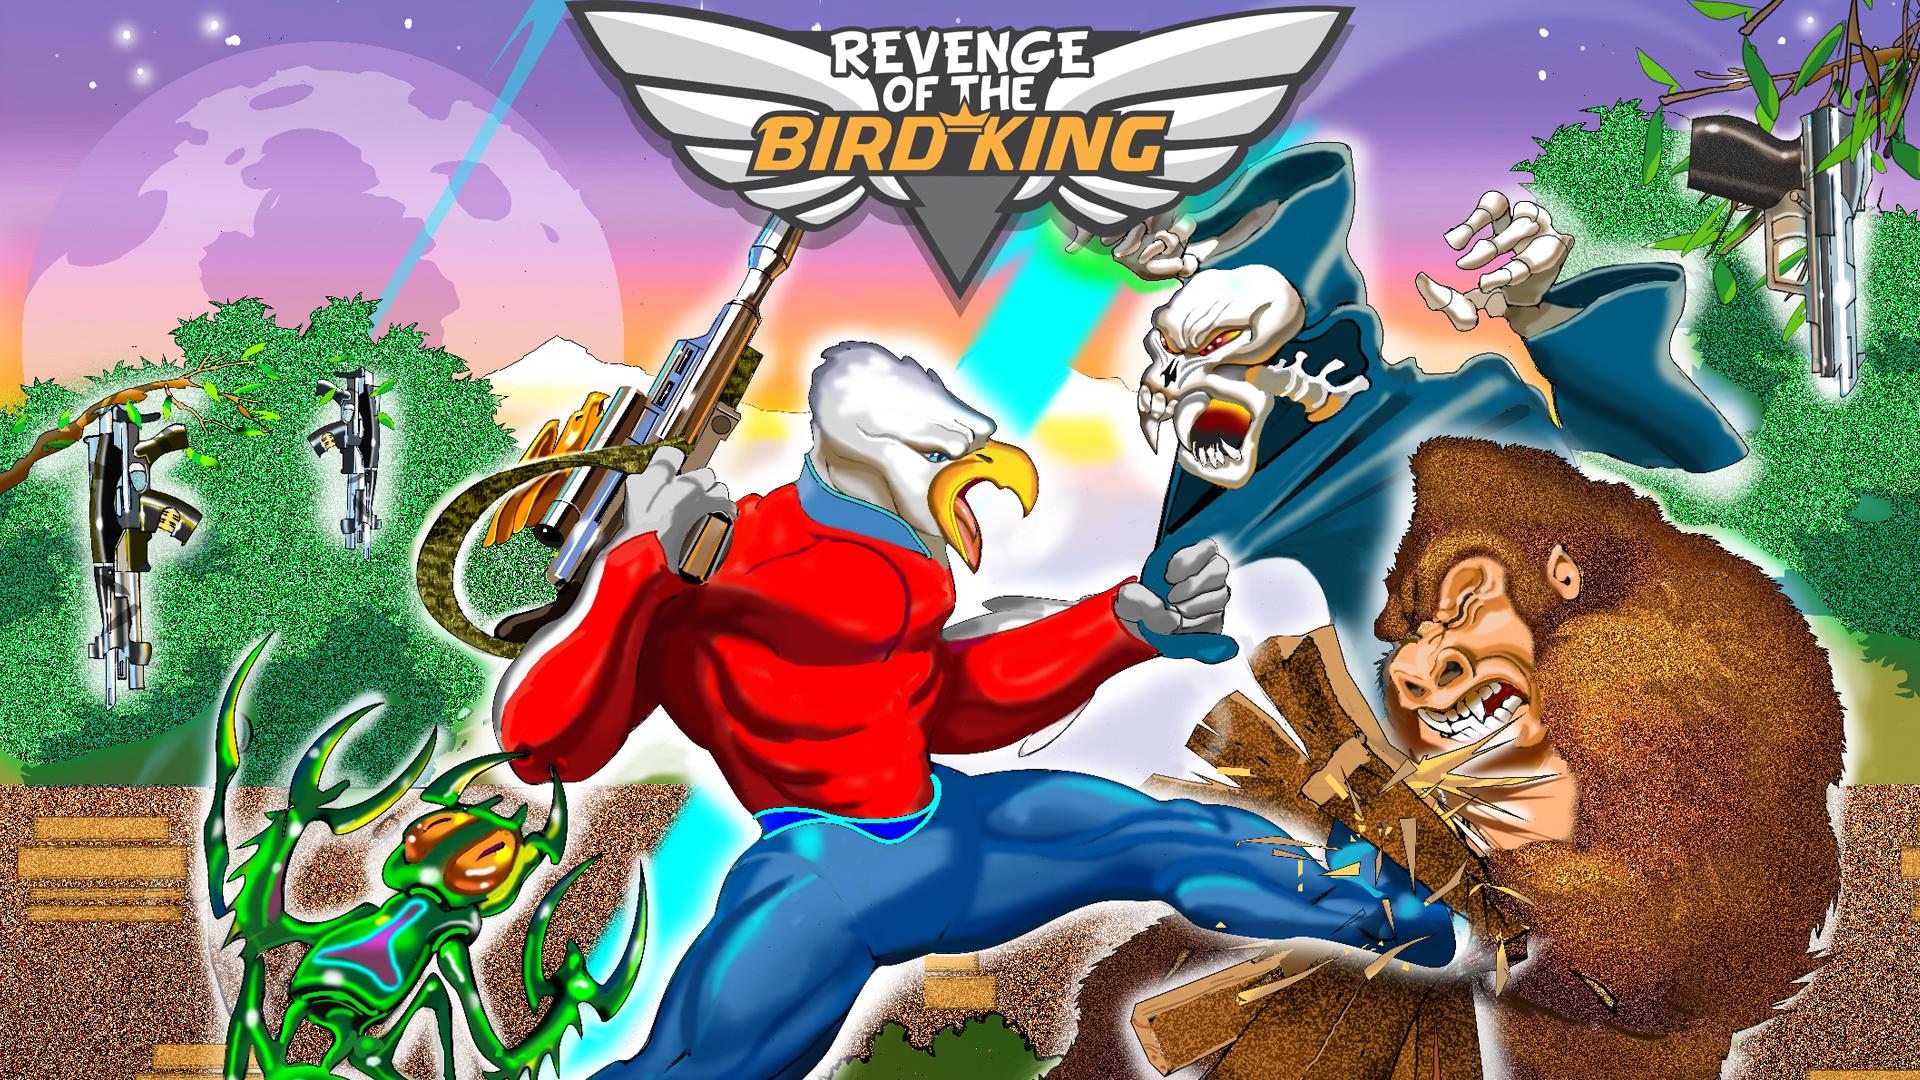 Revenge of the Bird King (Nintendo Switch).